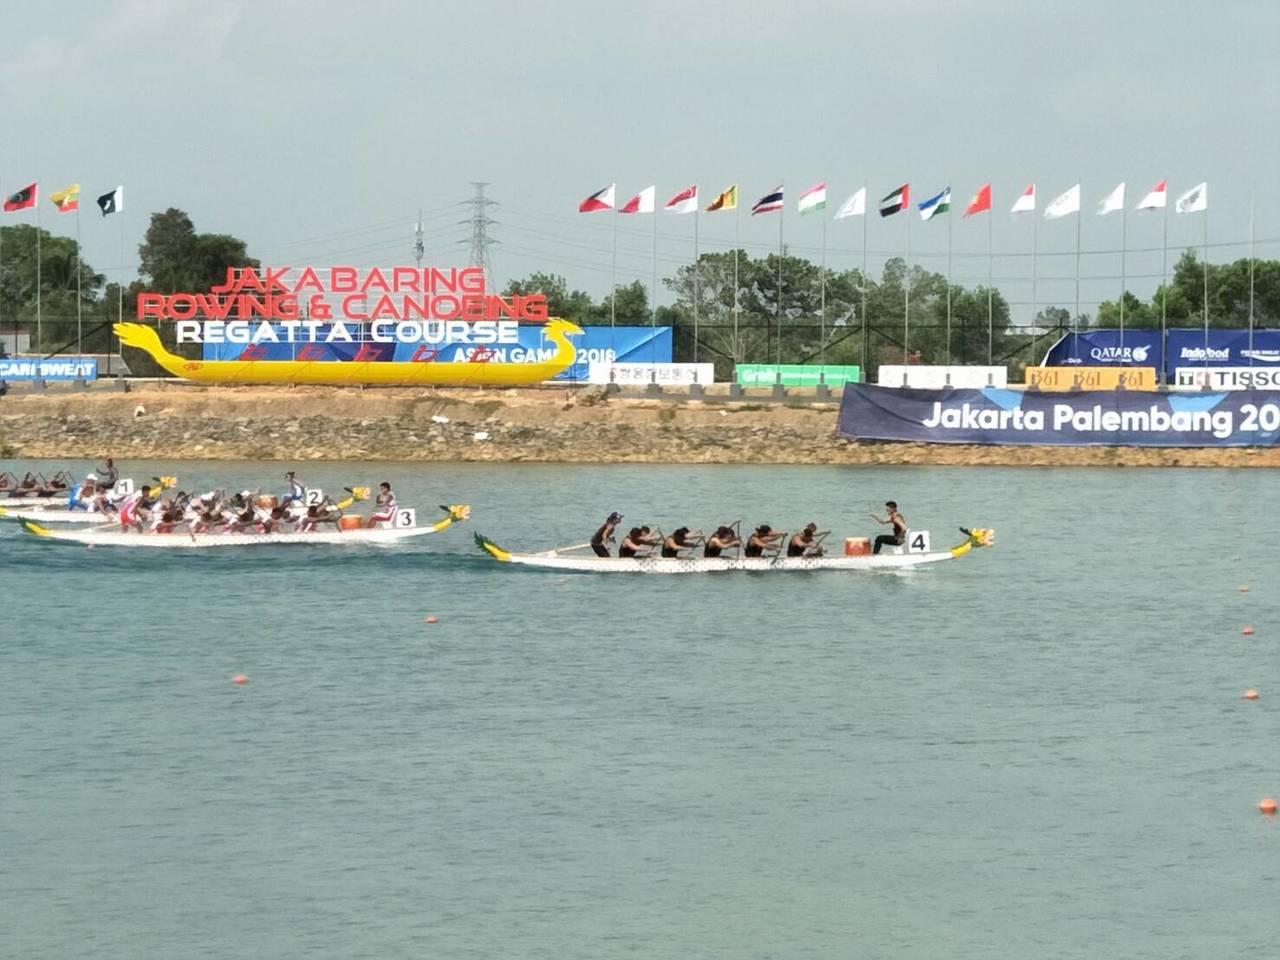 中華男子輕艇龍舟隊1000公尺直道競速奪金。圖/中華奧會提供